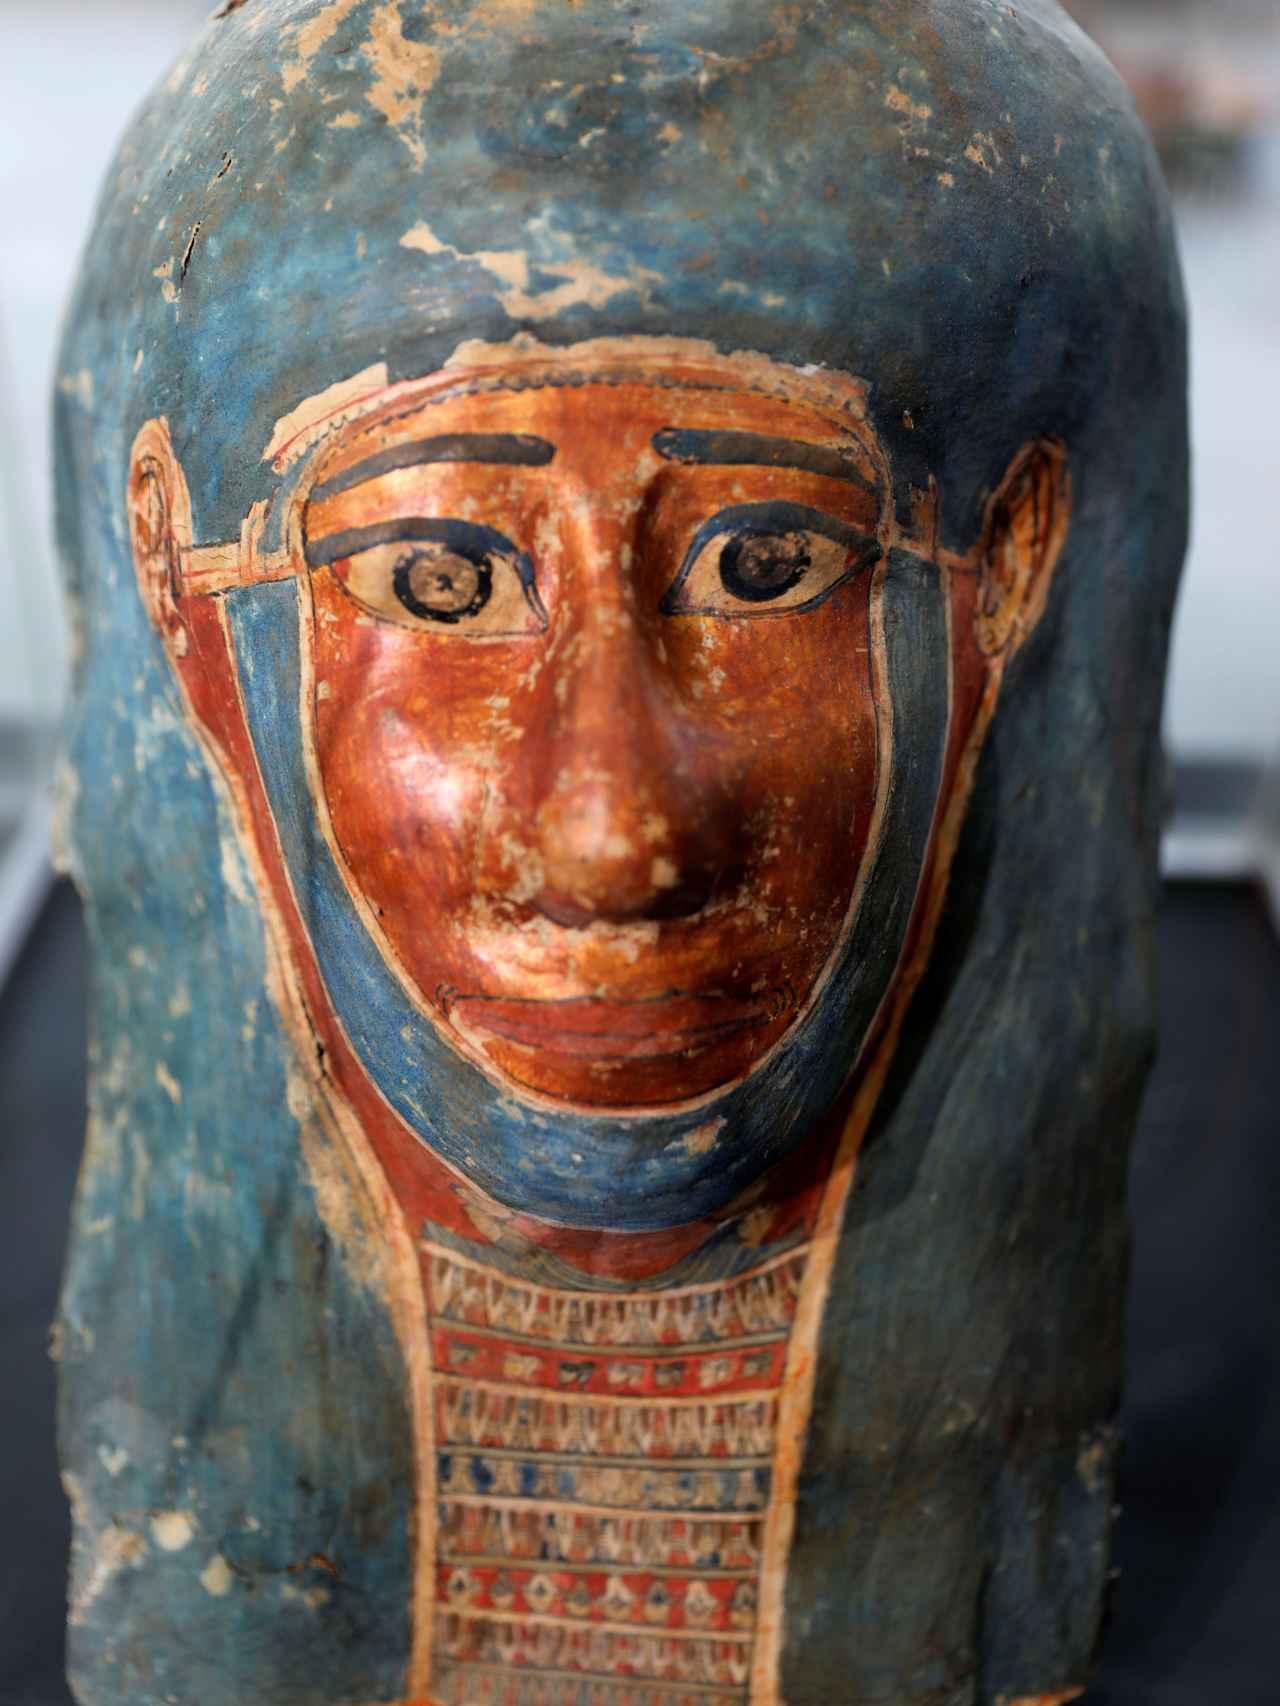 Descubrimientos recientes. Antiguo_egipto-hallazgos_arqueologicos-yacimientos_arqueologicos_536456899_165208947_1280x1706